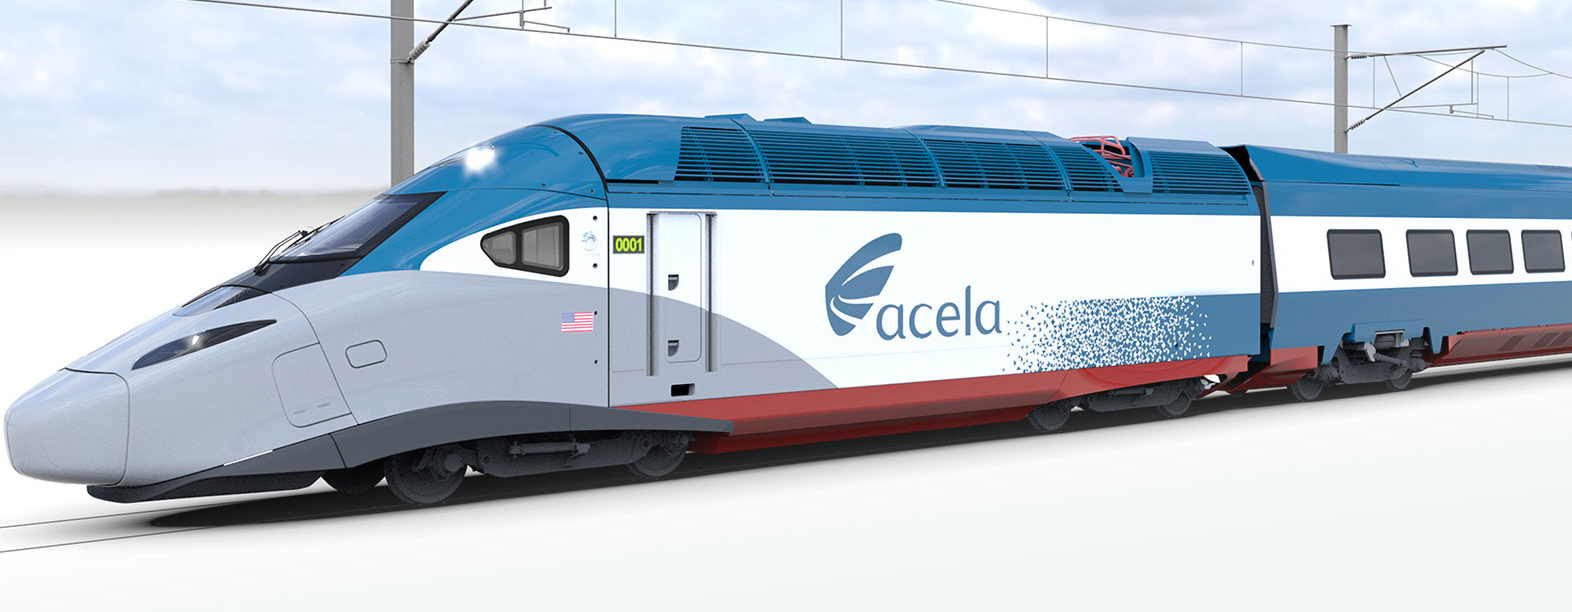 Amtrak's next Acela